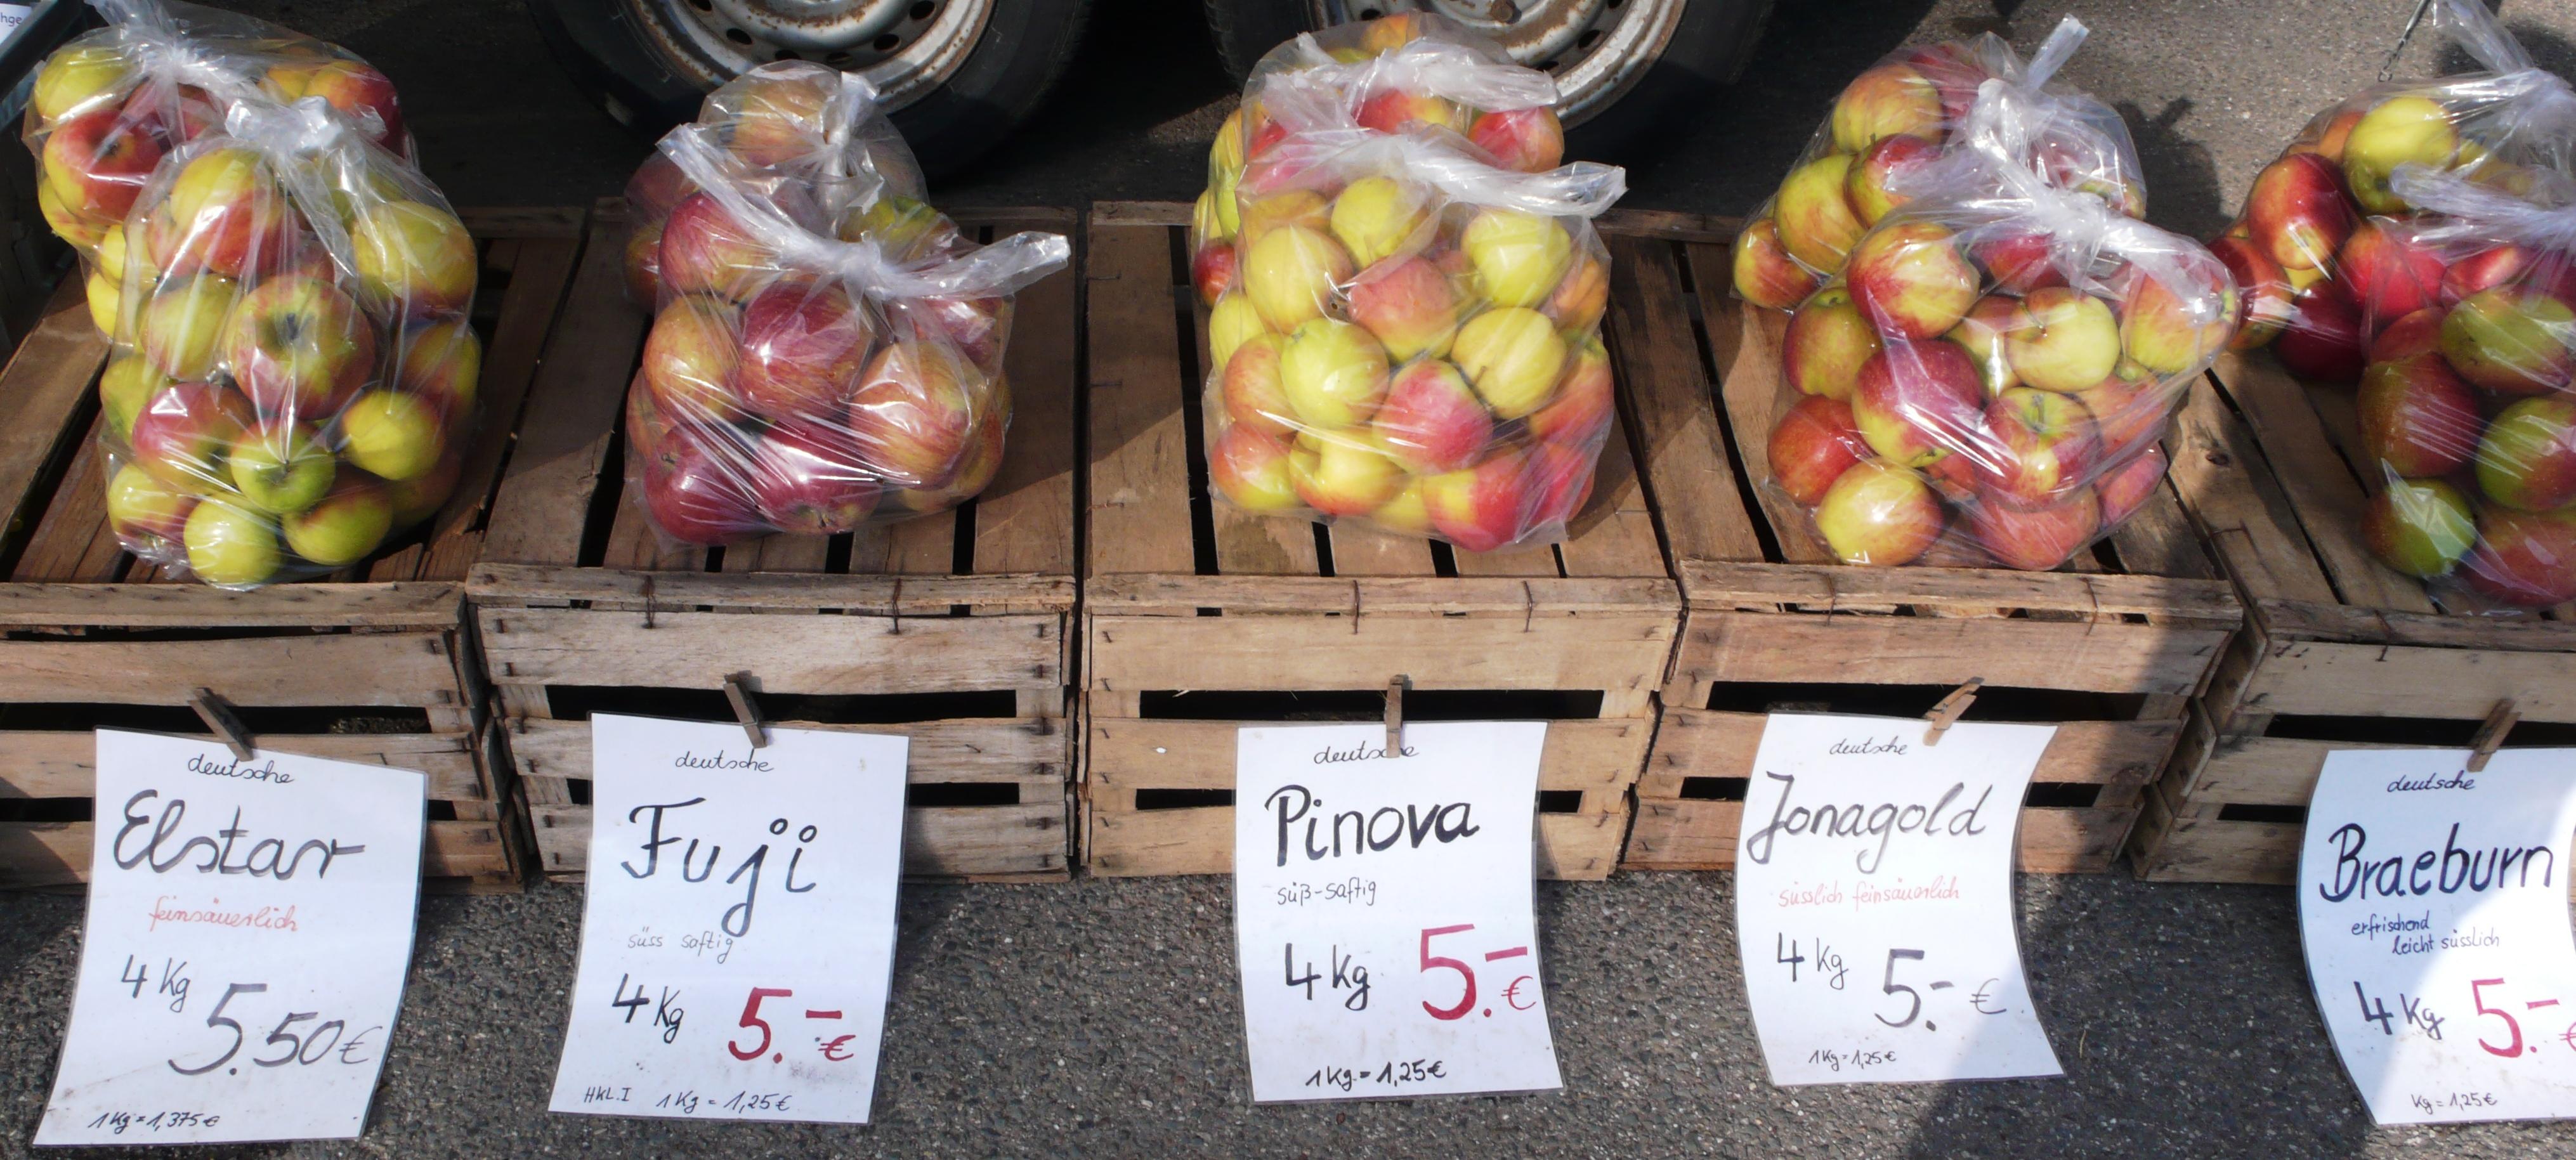 Apfelverkauf in Heidelberg-Ziegelhausen